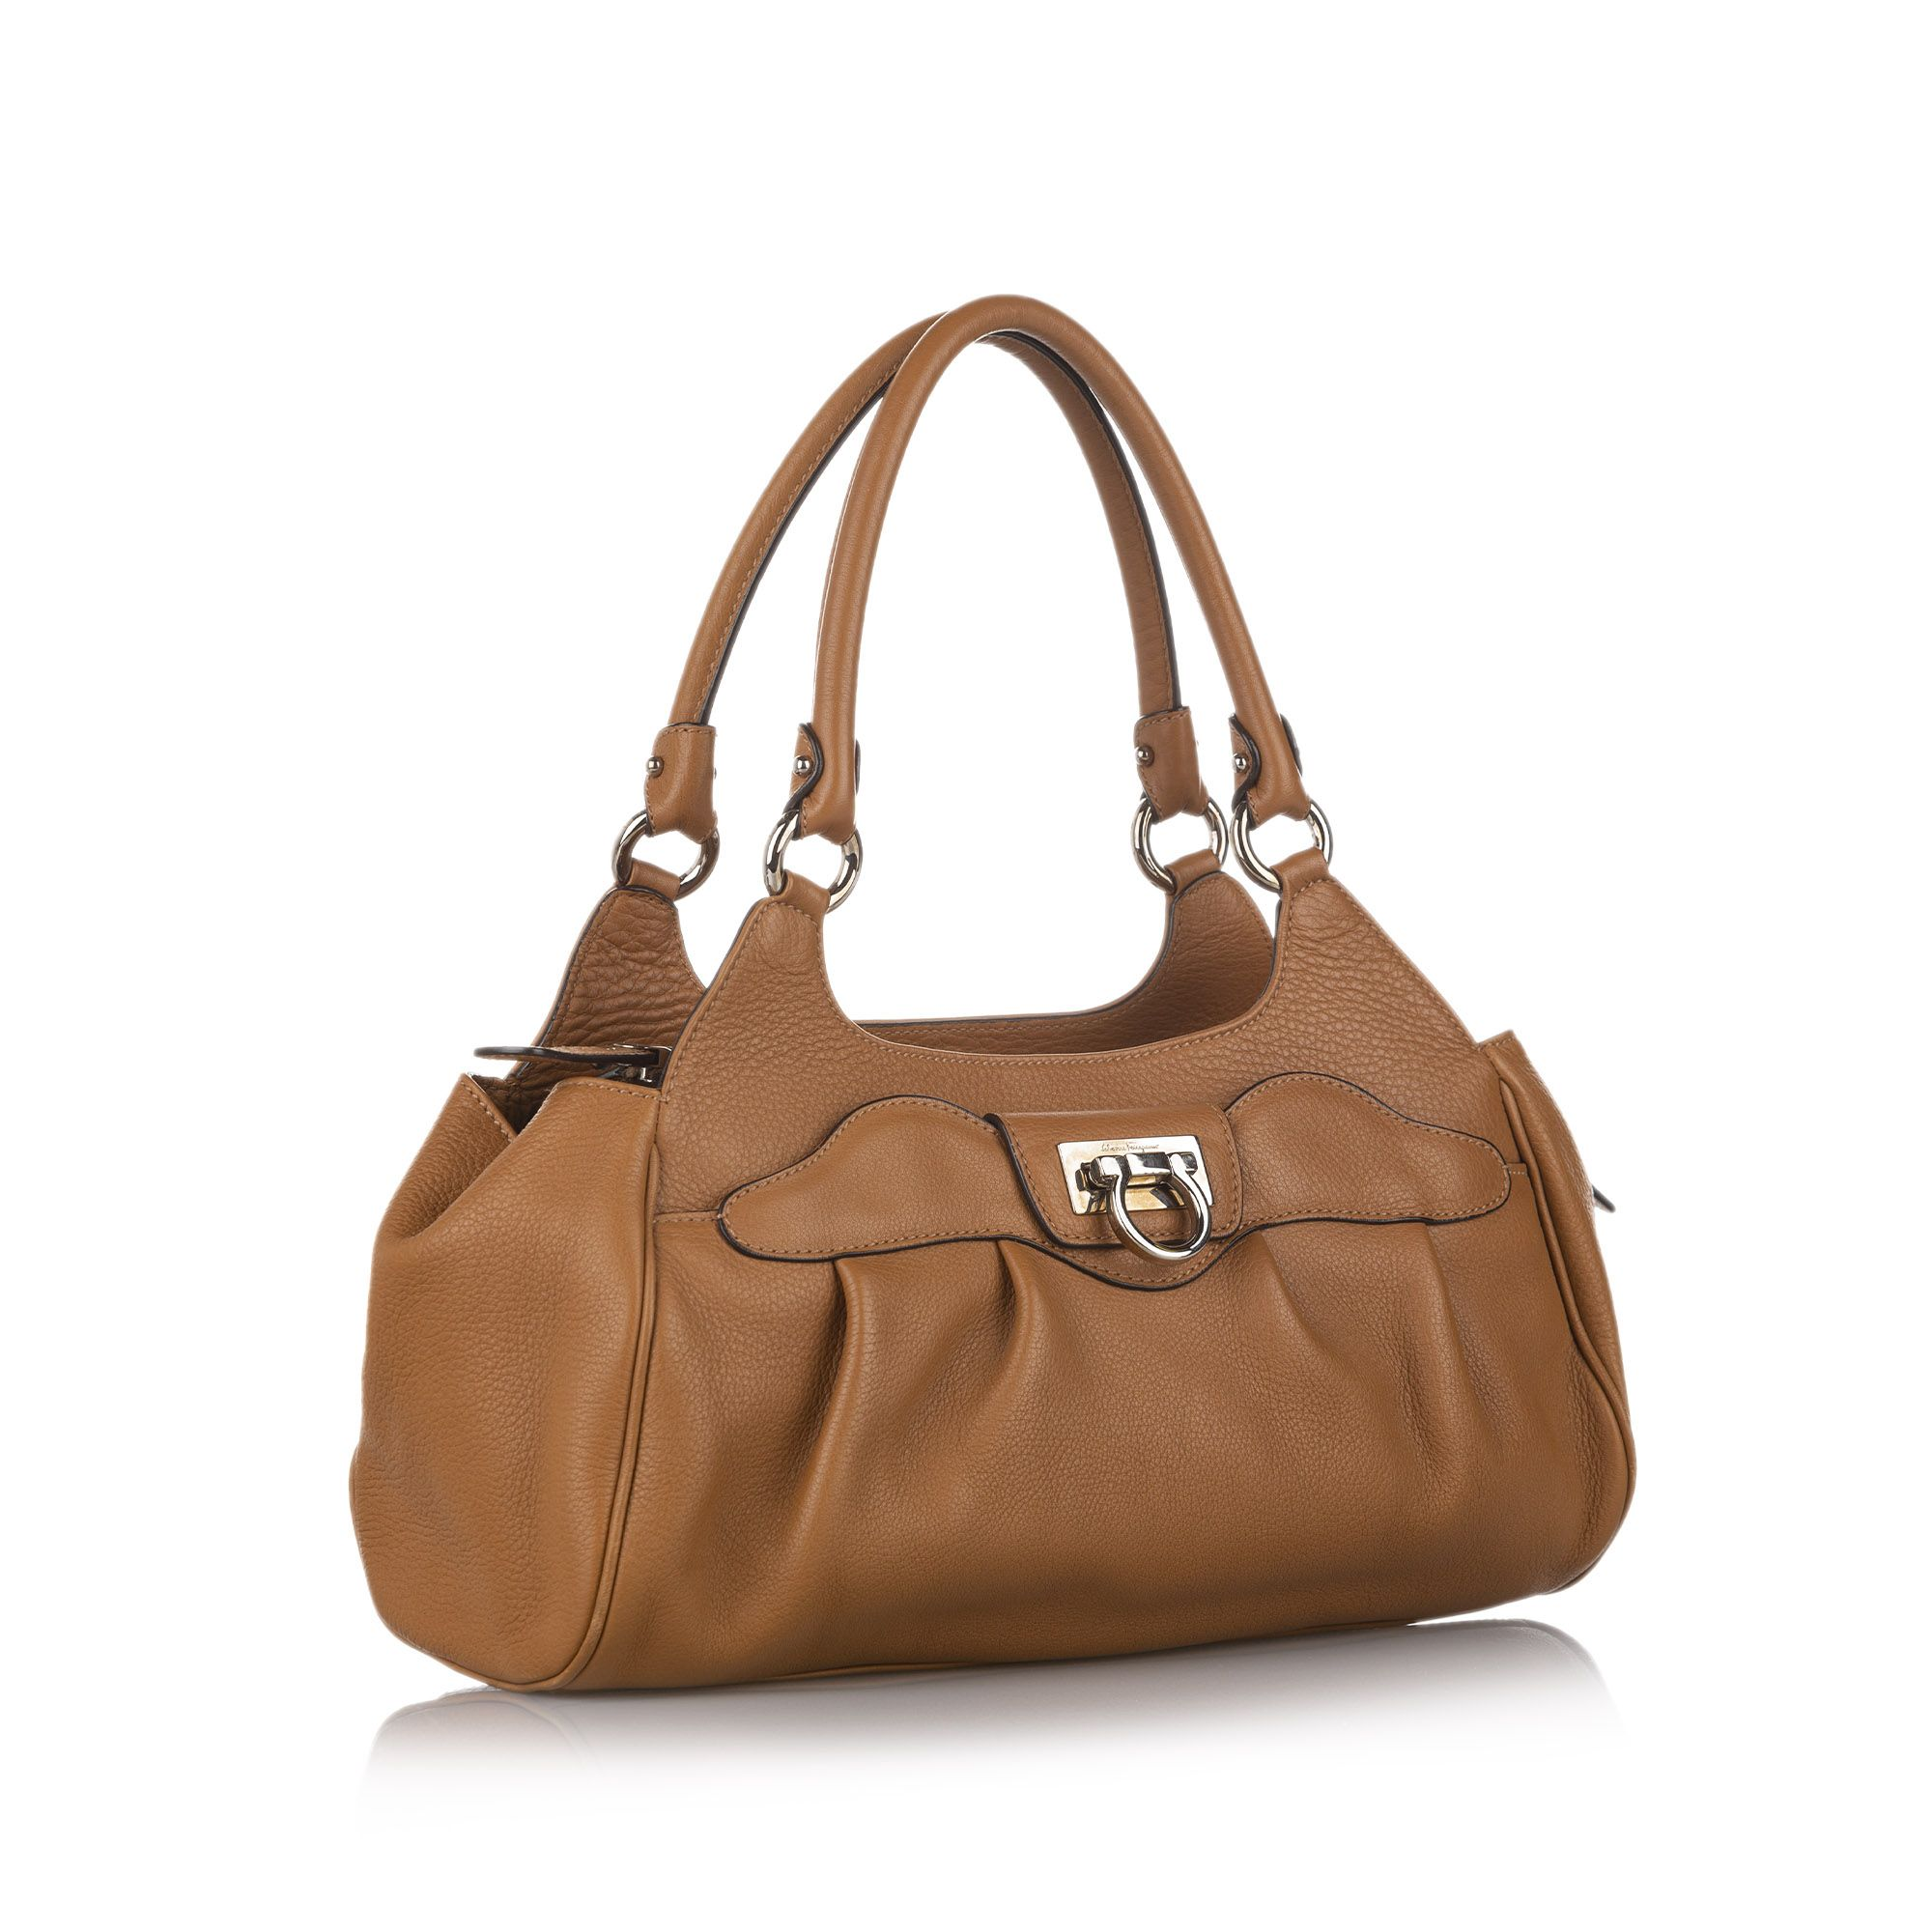 Vintage Ferragamo Gancini Leather Shoulder Bag Brown